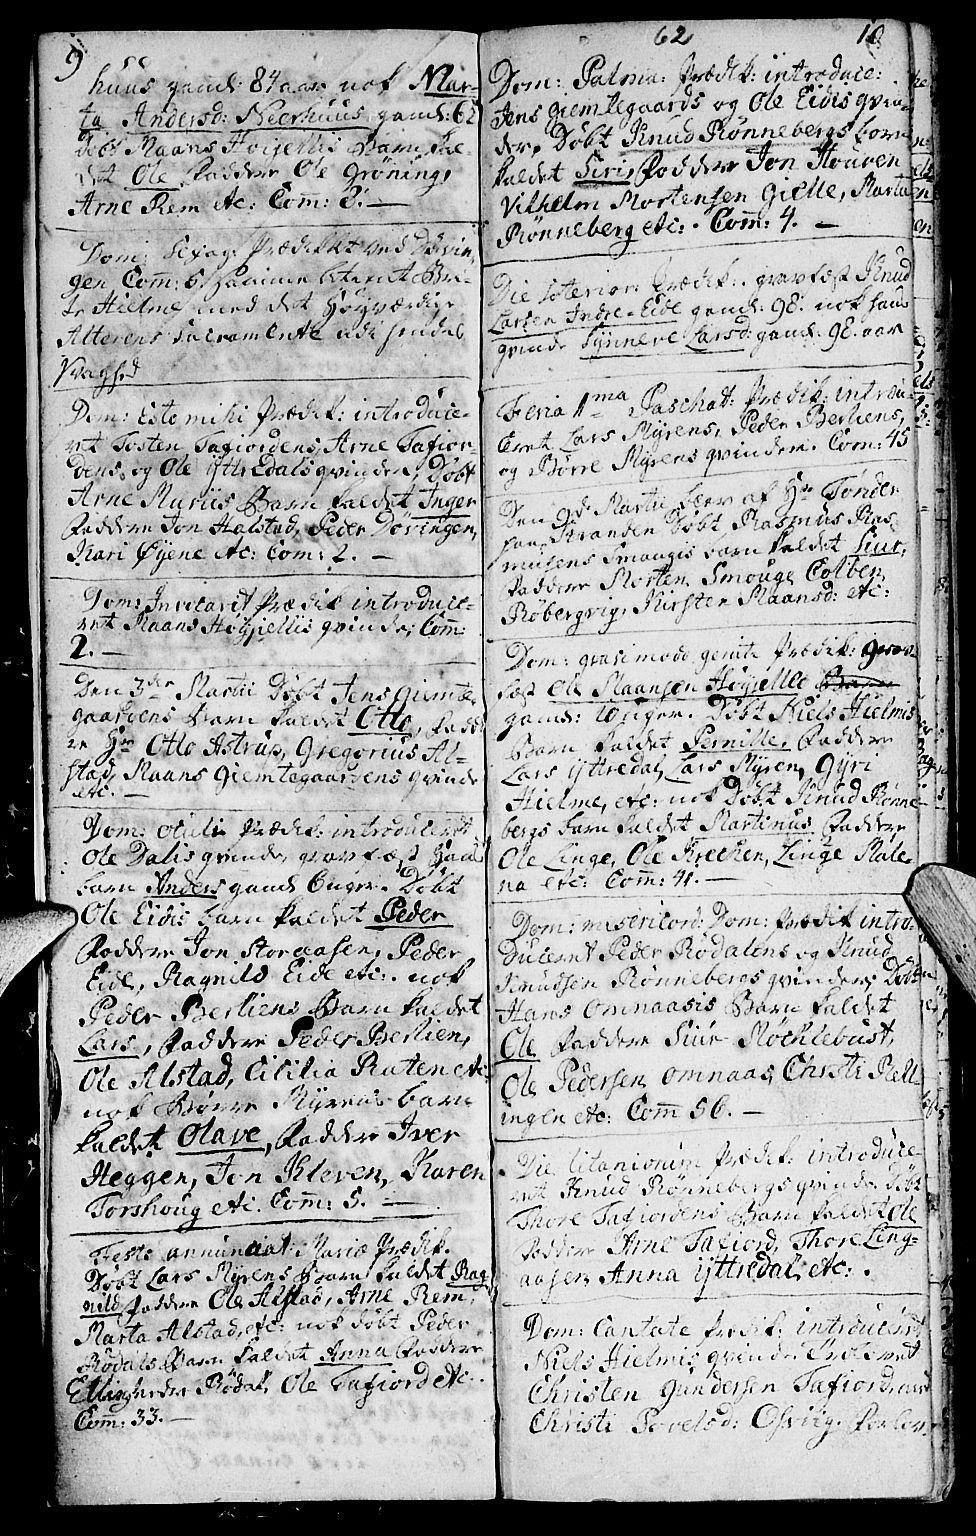 SAT, Ministerialprotokoller, klokkerbøker og fødselsregistre - Møre og Romsdal, 519/L0243: Ministerialbok nr. 519A02, 1760-1770, s. 9-10